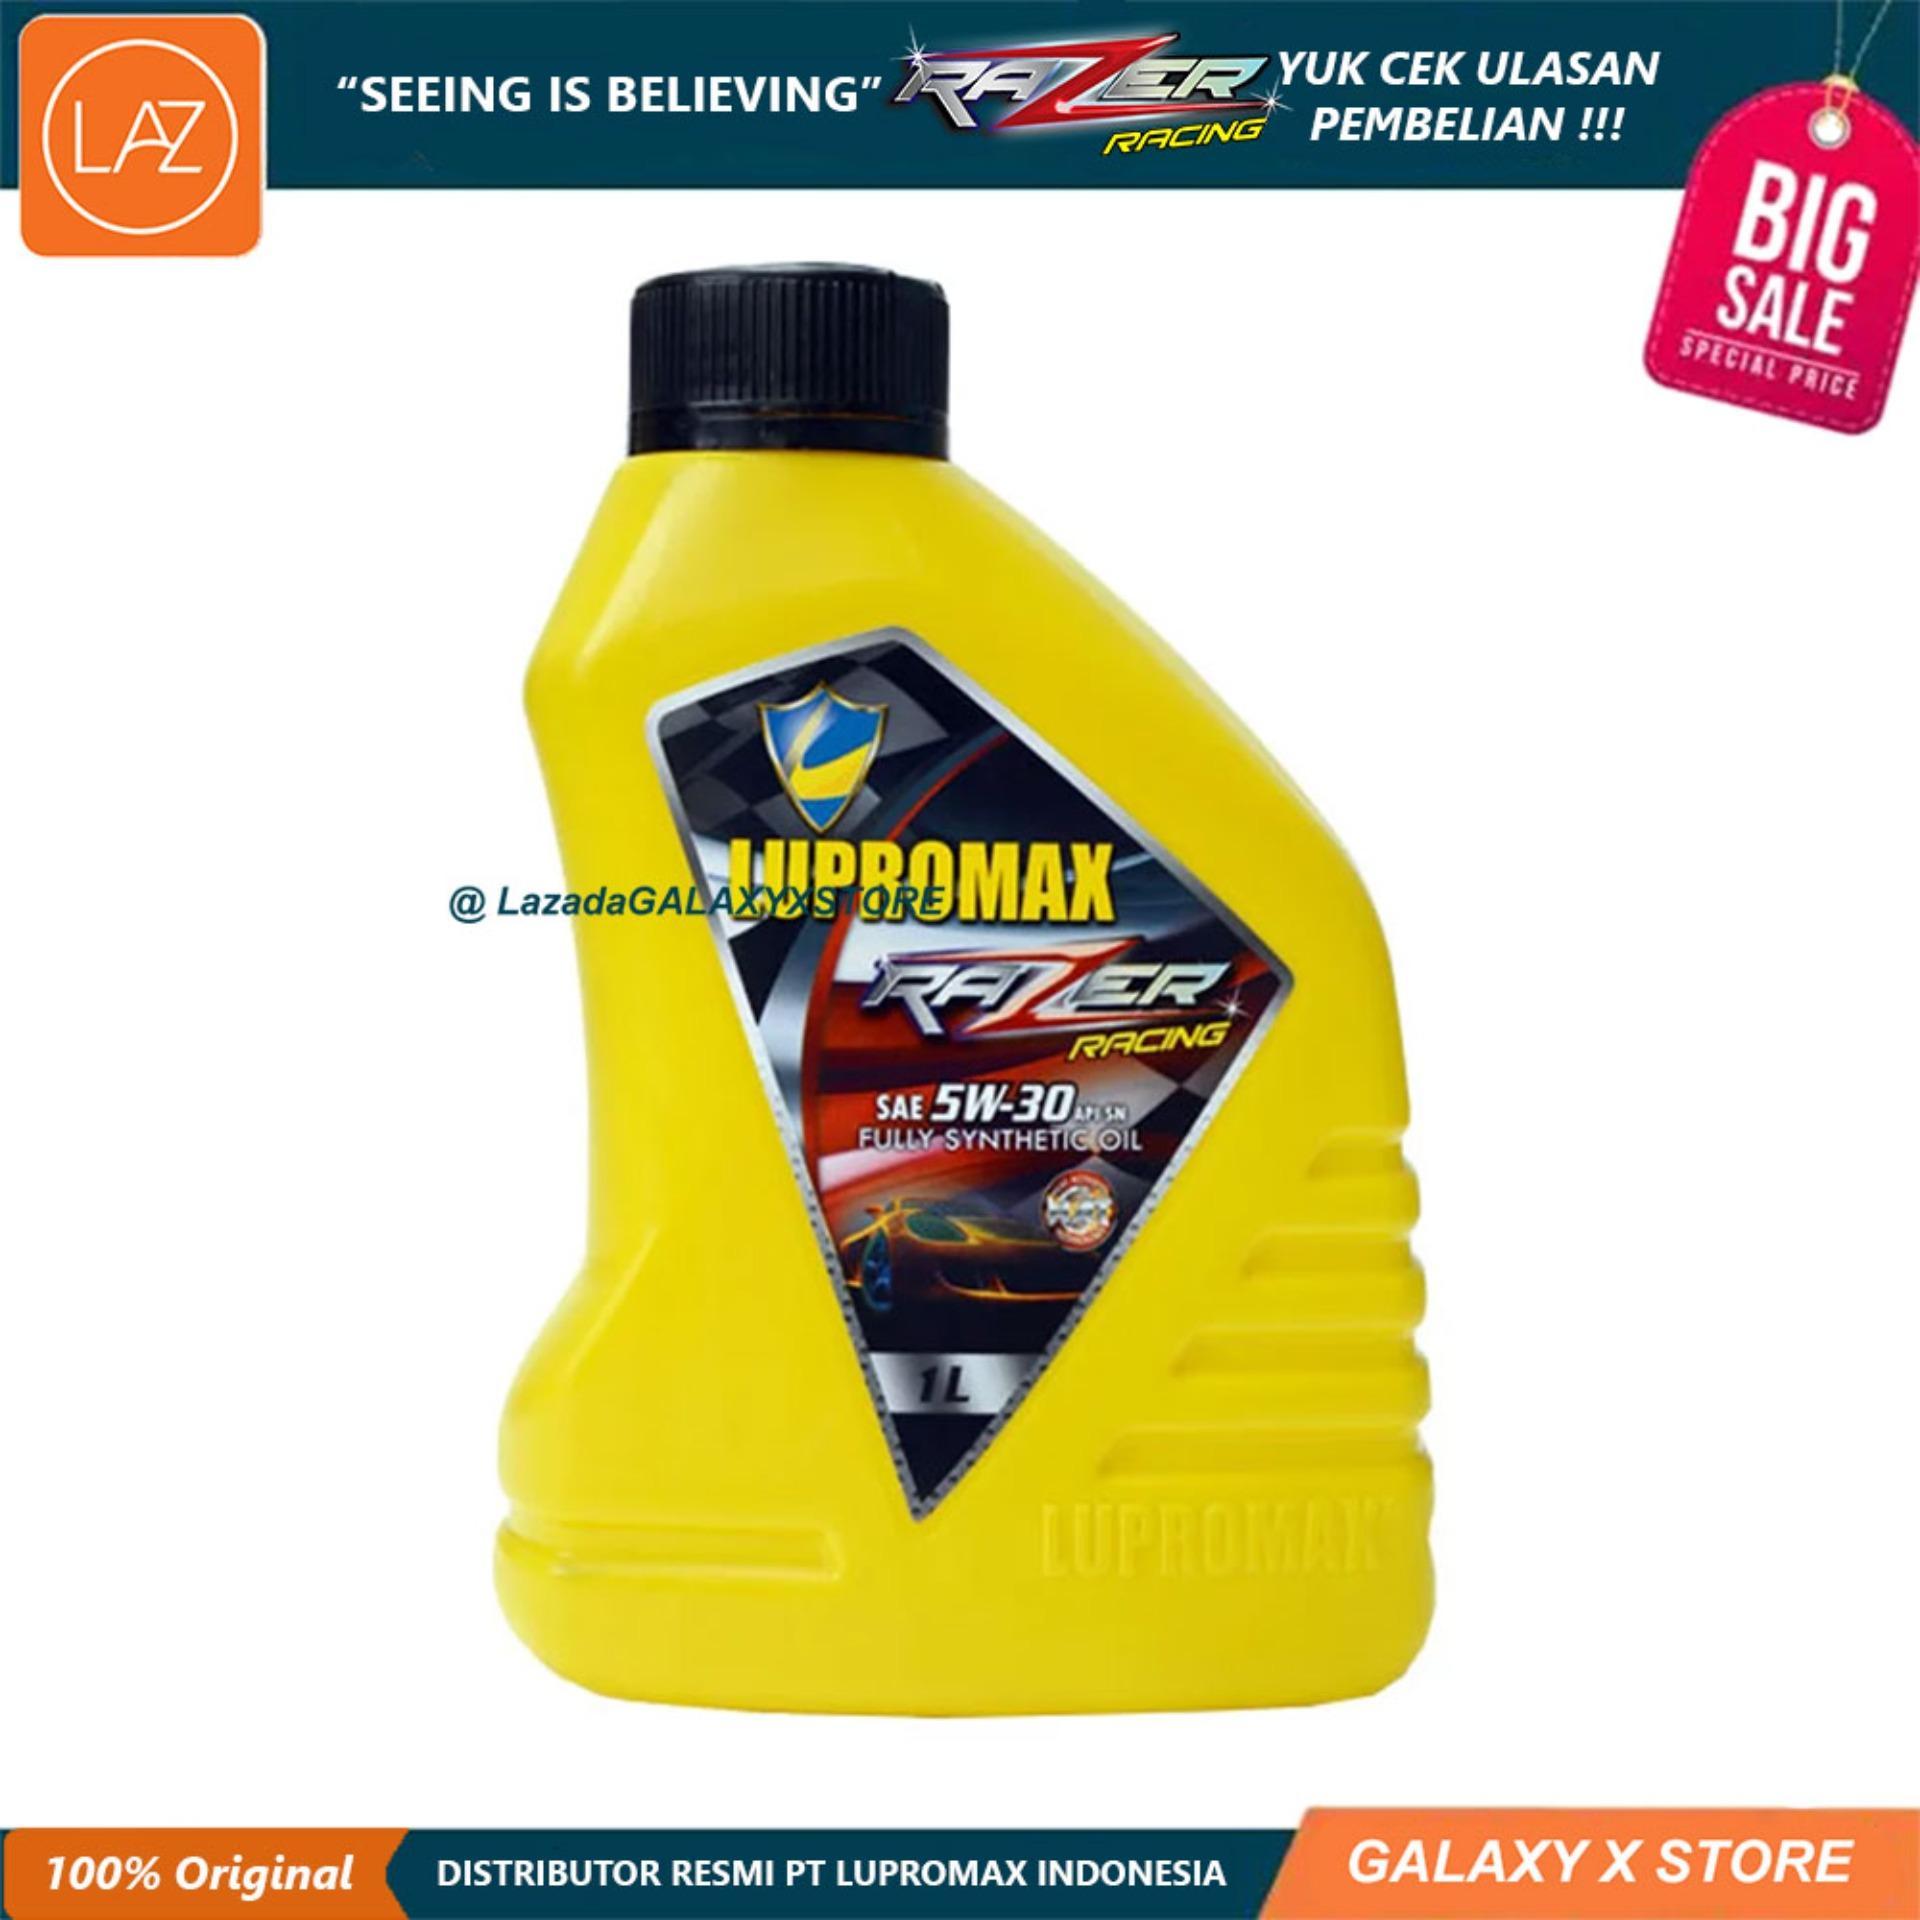 Lupromax Razer Racing 5W30 API SN Oli Mobil - 1 Liter Otomotif Minyak Pelumas Oli